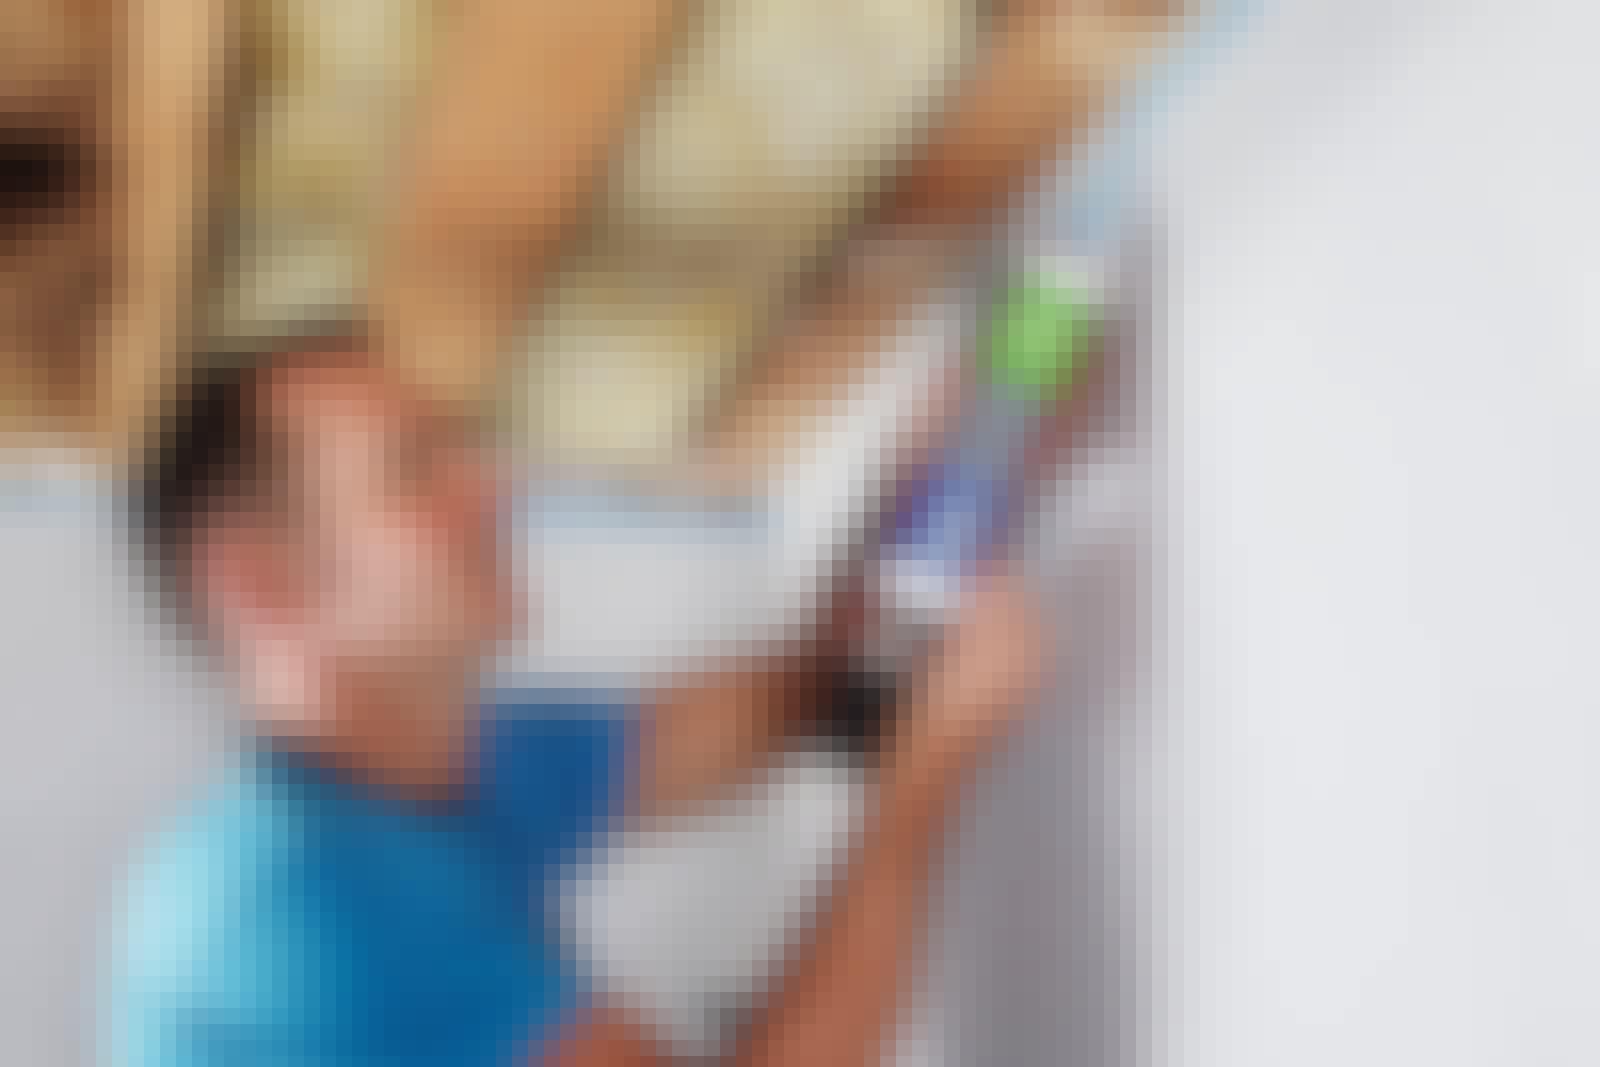 Folielimet sikrer at plastfolien sitter tett mot veggen. Det er mye enklere enn å bruke teip.